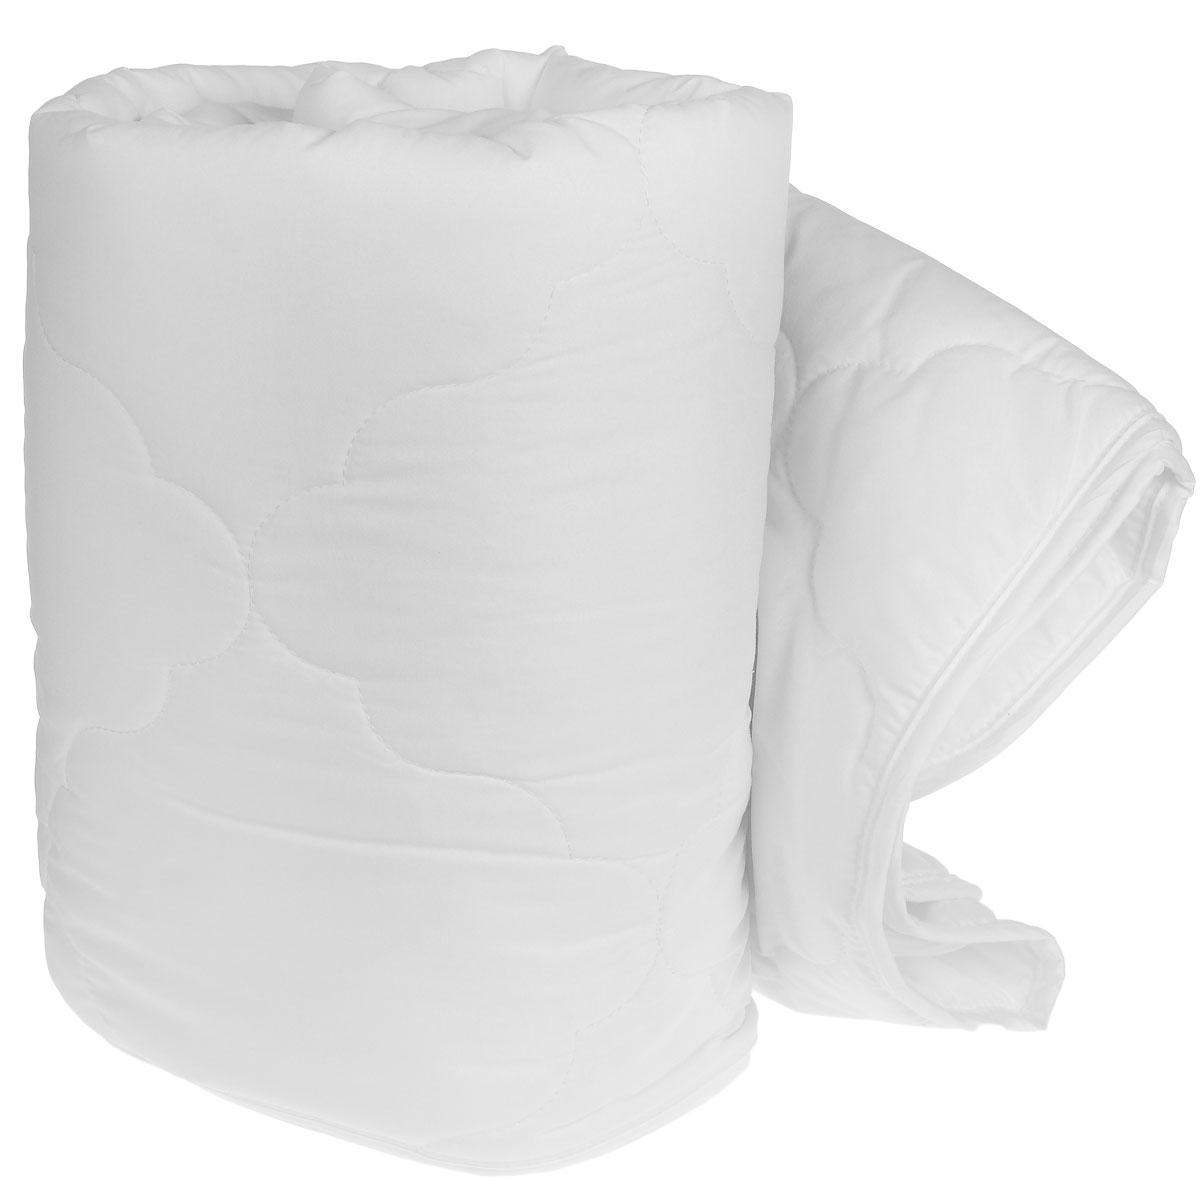 Одеяло легкое Green Line, наполнитель: бамбуковое волокно, цвет: белый, 172 х 205 см165995Легкое одеяло Green Line подарит незабываемое чувство комфорта и уюта во время сна. Верх выполнен из ткани нового поколения из микрофиламентных нитей Ultratex. Внутри - наполнитель из бамбукового волокна. Это экологически чистый натуральный материал, который позаботится о вашем здоровье и подарит комфортный сон. Бамбук обеспечивает антибактериальную защиту и имеет оптимальную терморегуляцию. Стежка и кант по краю не позволяют наполнителю скатываться и равномерно удерживают его внутри. Одеяло легкое и тонкое - оно идеально подойдет для лета, под ним будет прохладно и комфортно спать в жару. Рекомендации по уходу: - ручная и машинная стирка при температуре 30°С, - не отбеливать, - нельзя отжимать и сушить в стиральной машине, - не гладить, - химчистка с мягкими растворителями, - сушить вертикально. Материал чехла: ткань Ultratex (100% полиэстер). Наполнитель: 50% бамбуковое волокно (100% вискоза), 50%...